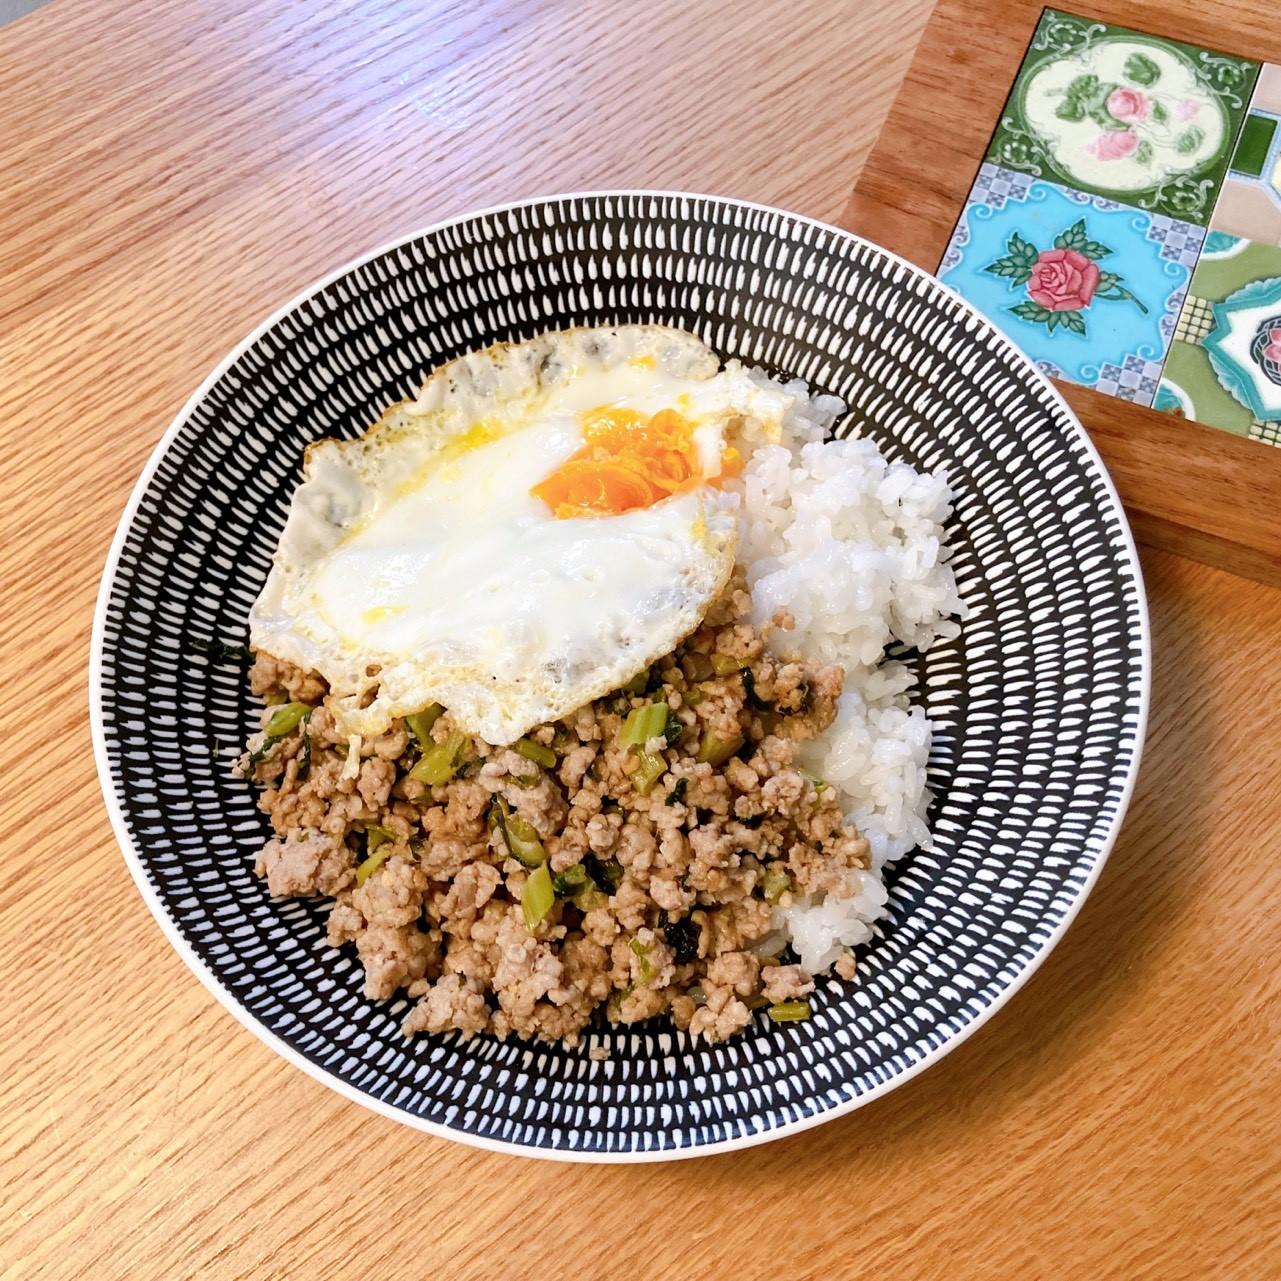 千葉県産大根と豚挽肉のスパイス味噌炒め